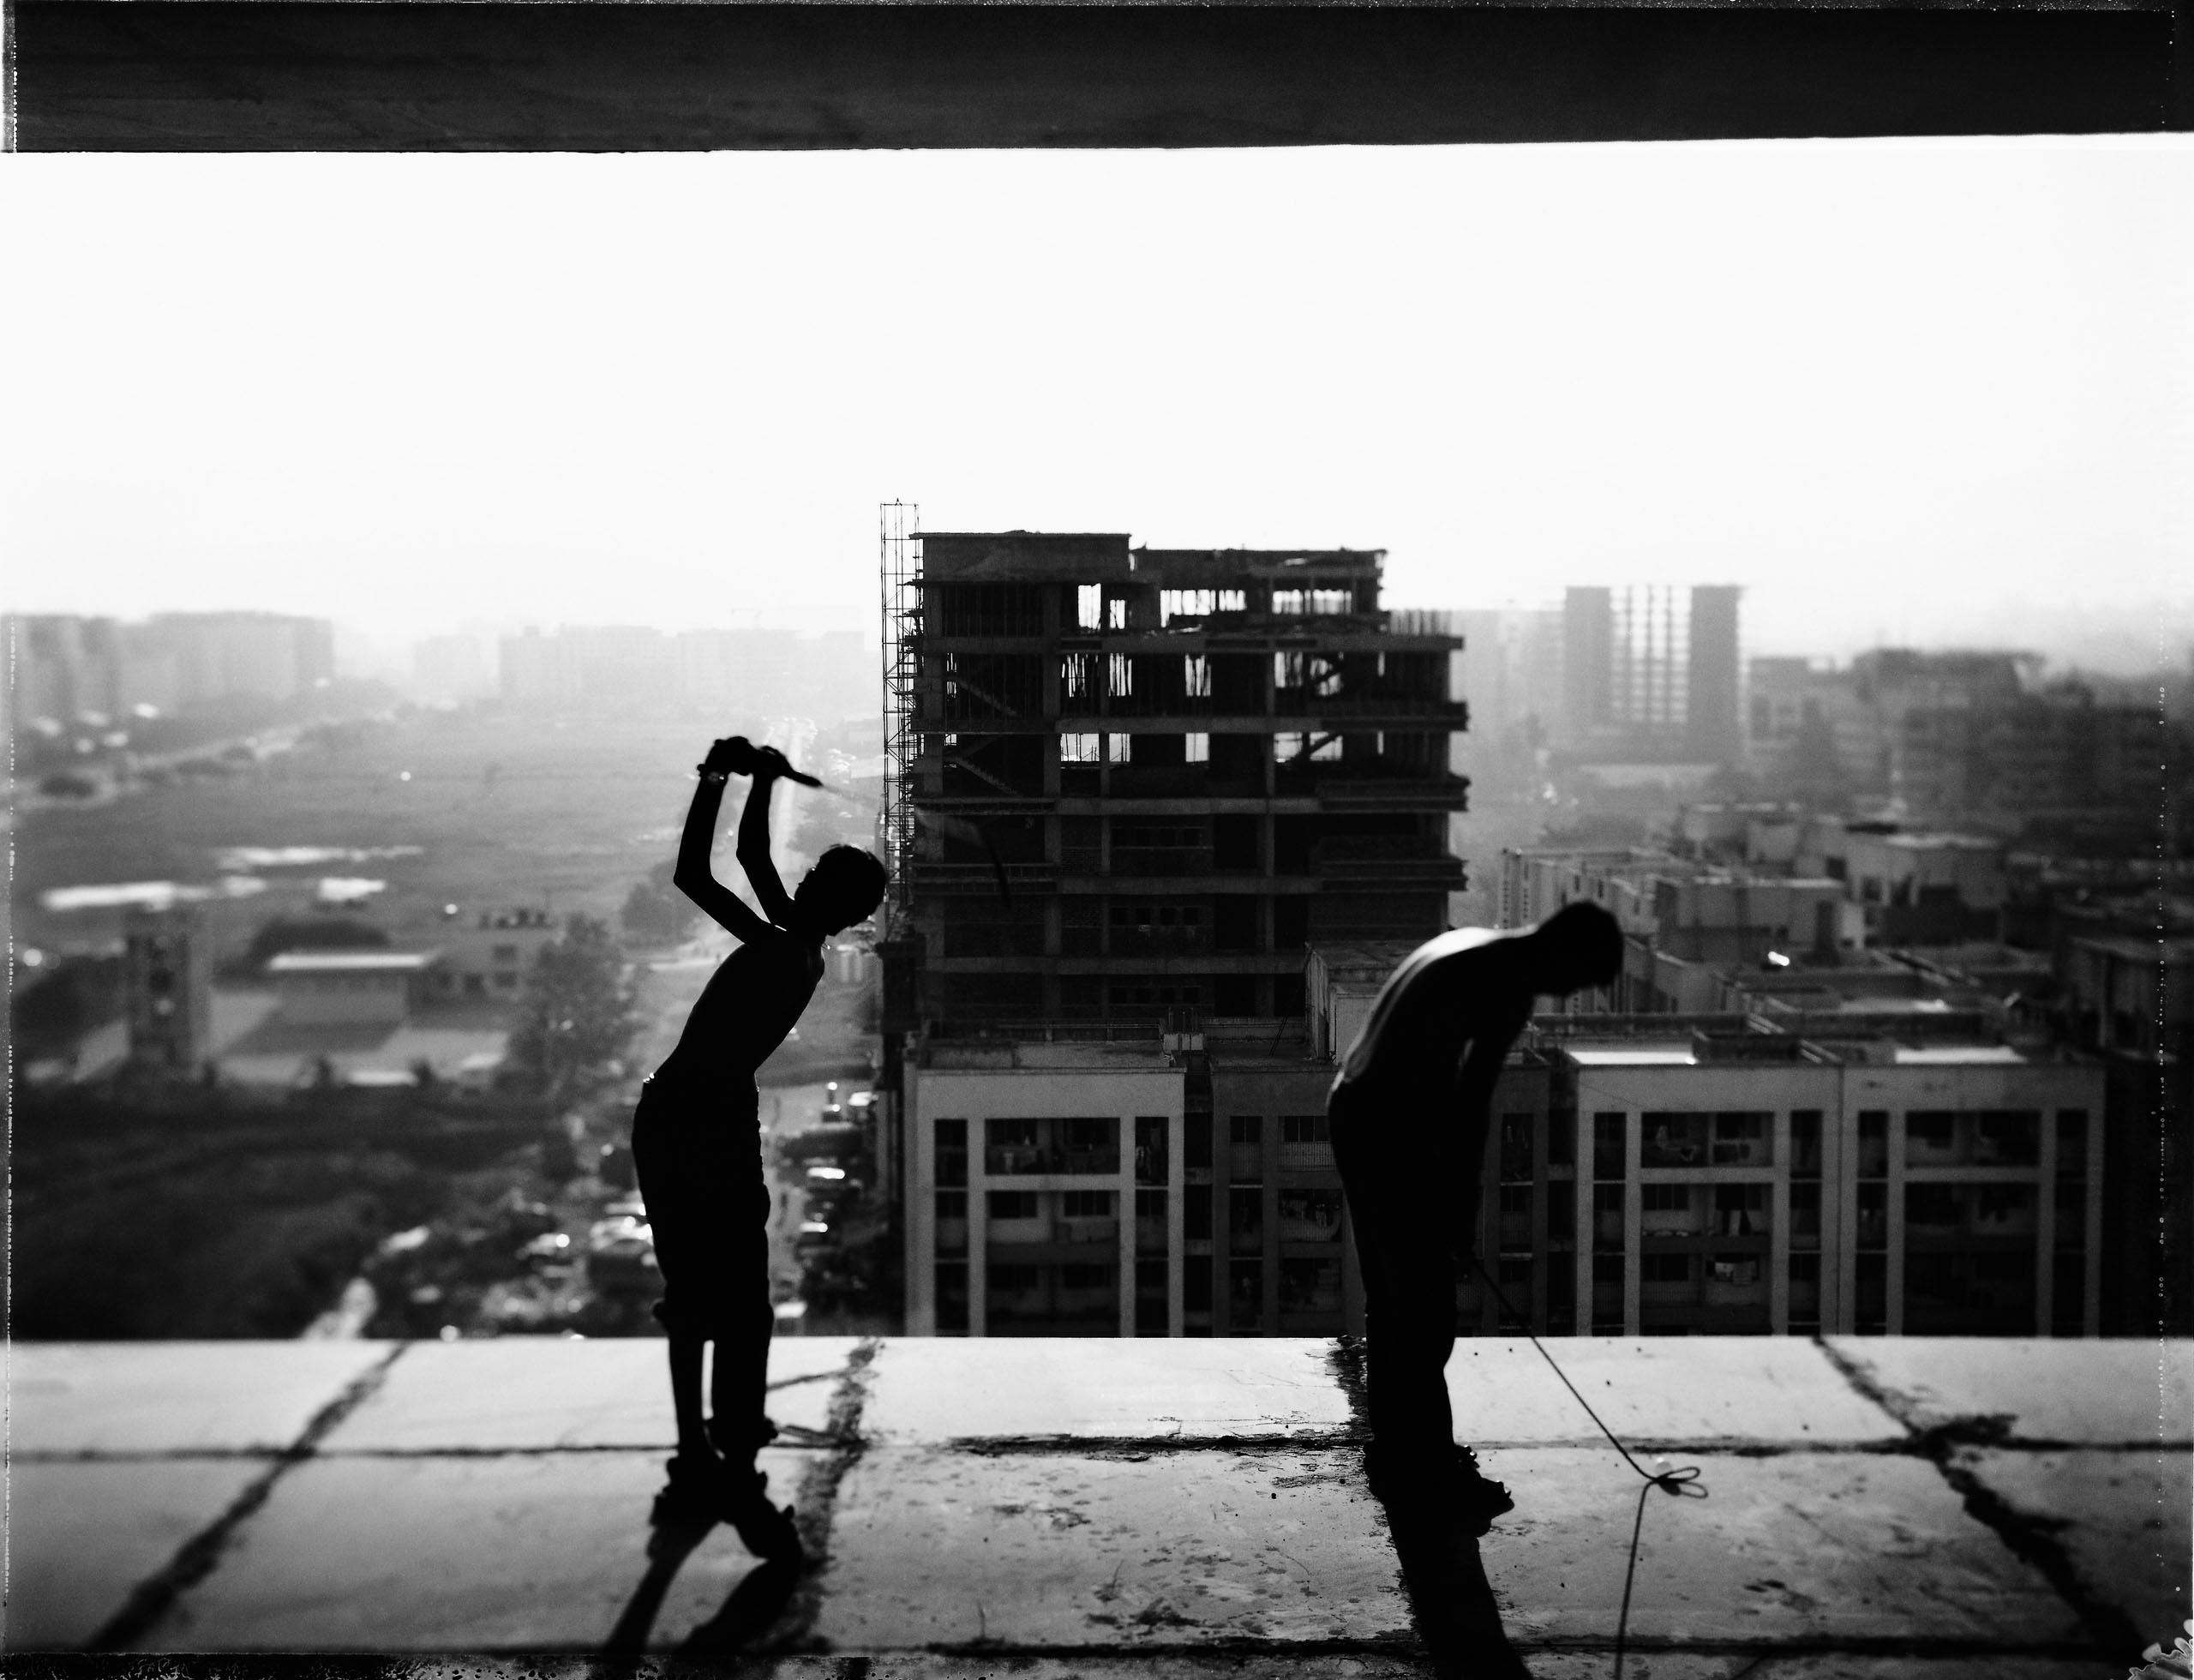 Urban Golf in India. Photo by Tomasz Gudzowatyby Tomasz